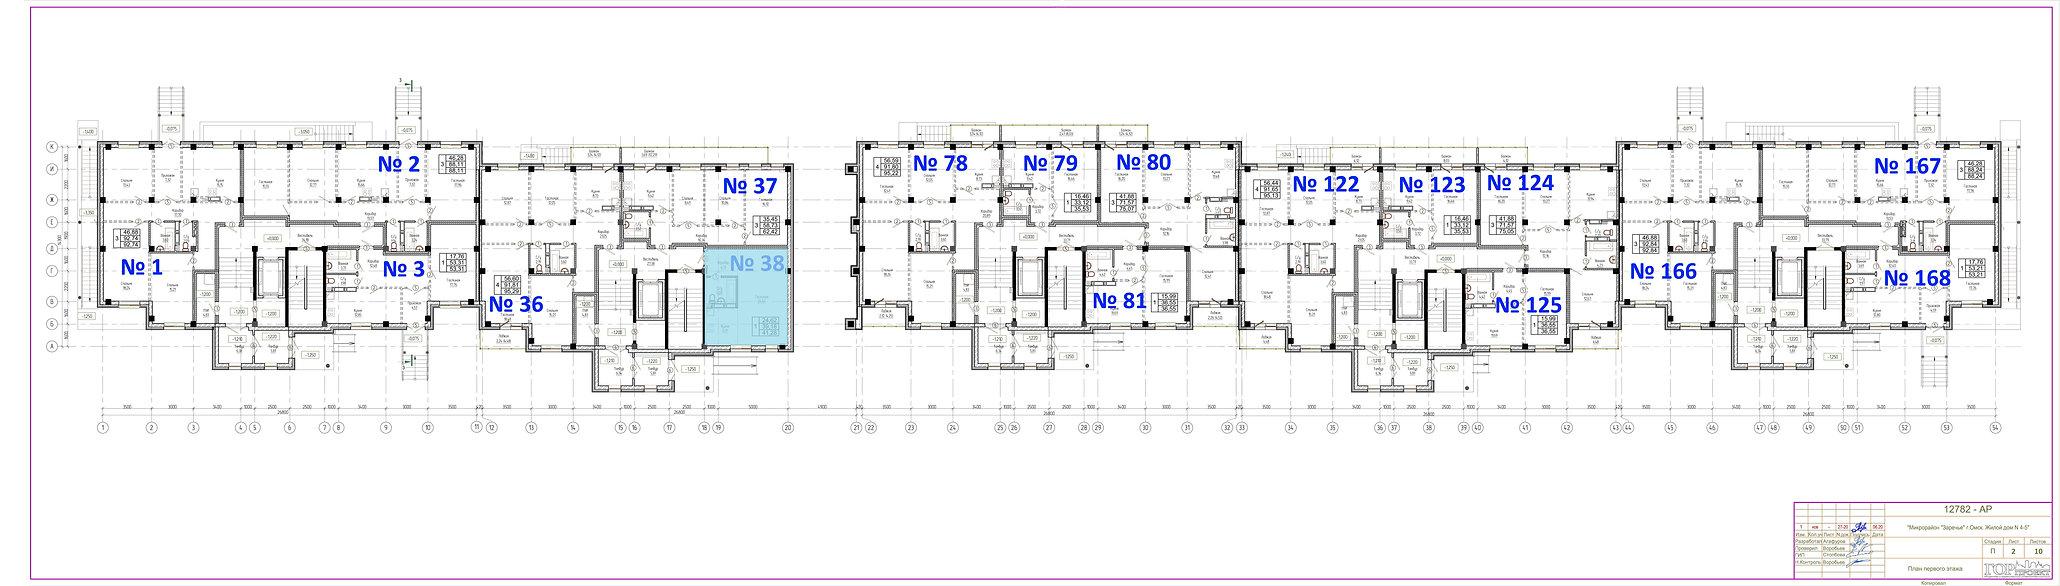 1 этаж кв 38.jpg